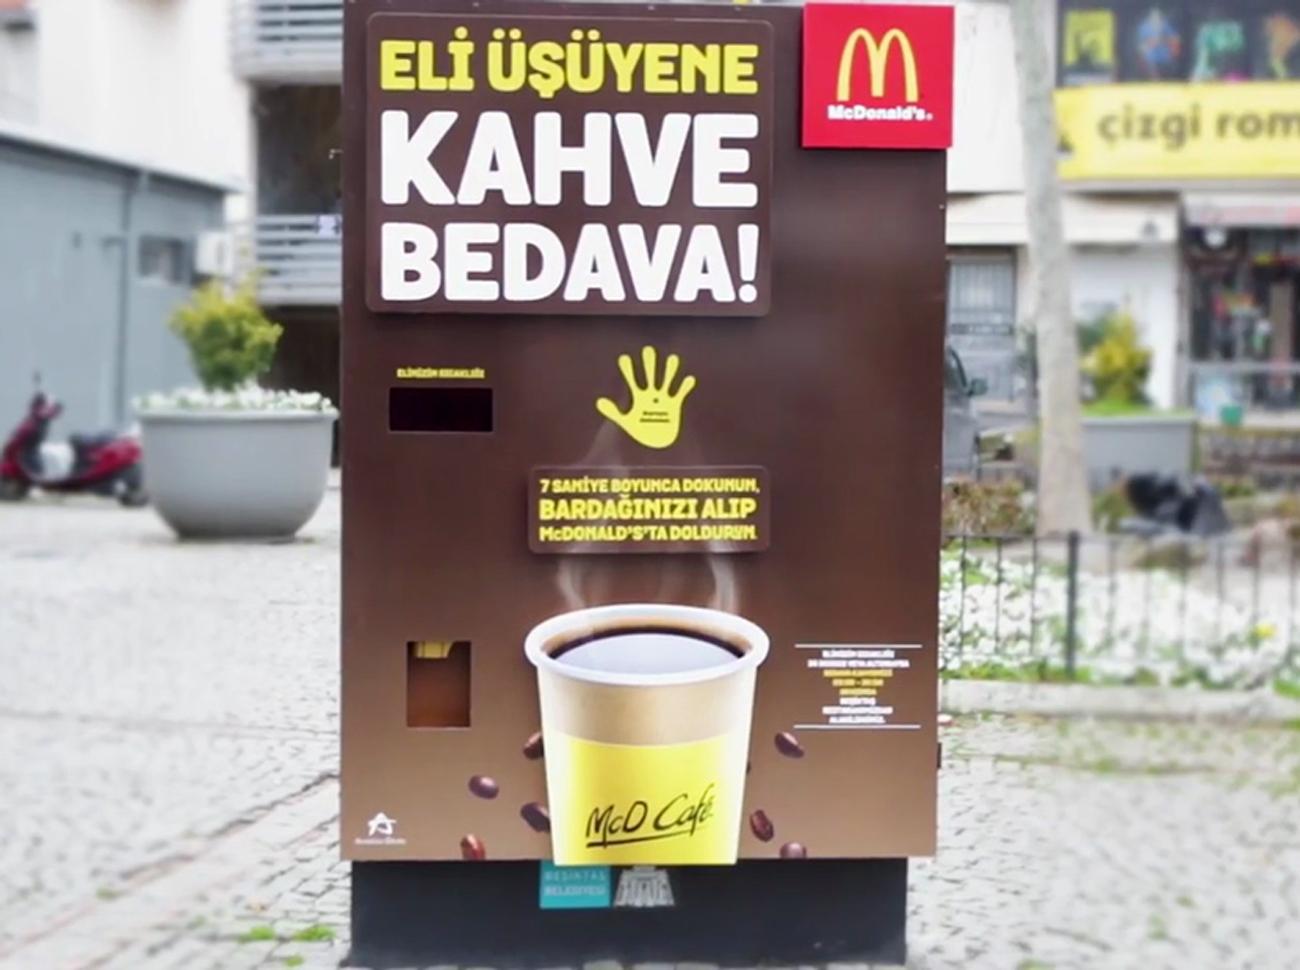 McDonald's'tan Eli Üşüyene Bedava Kahve